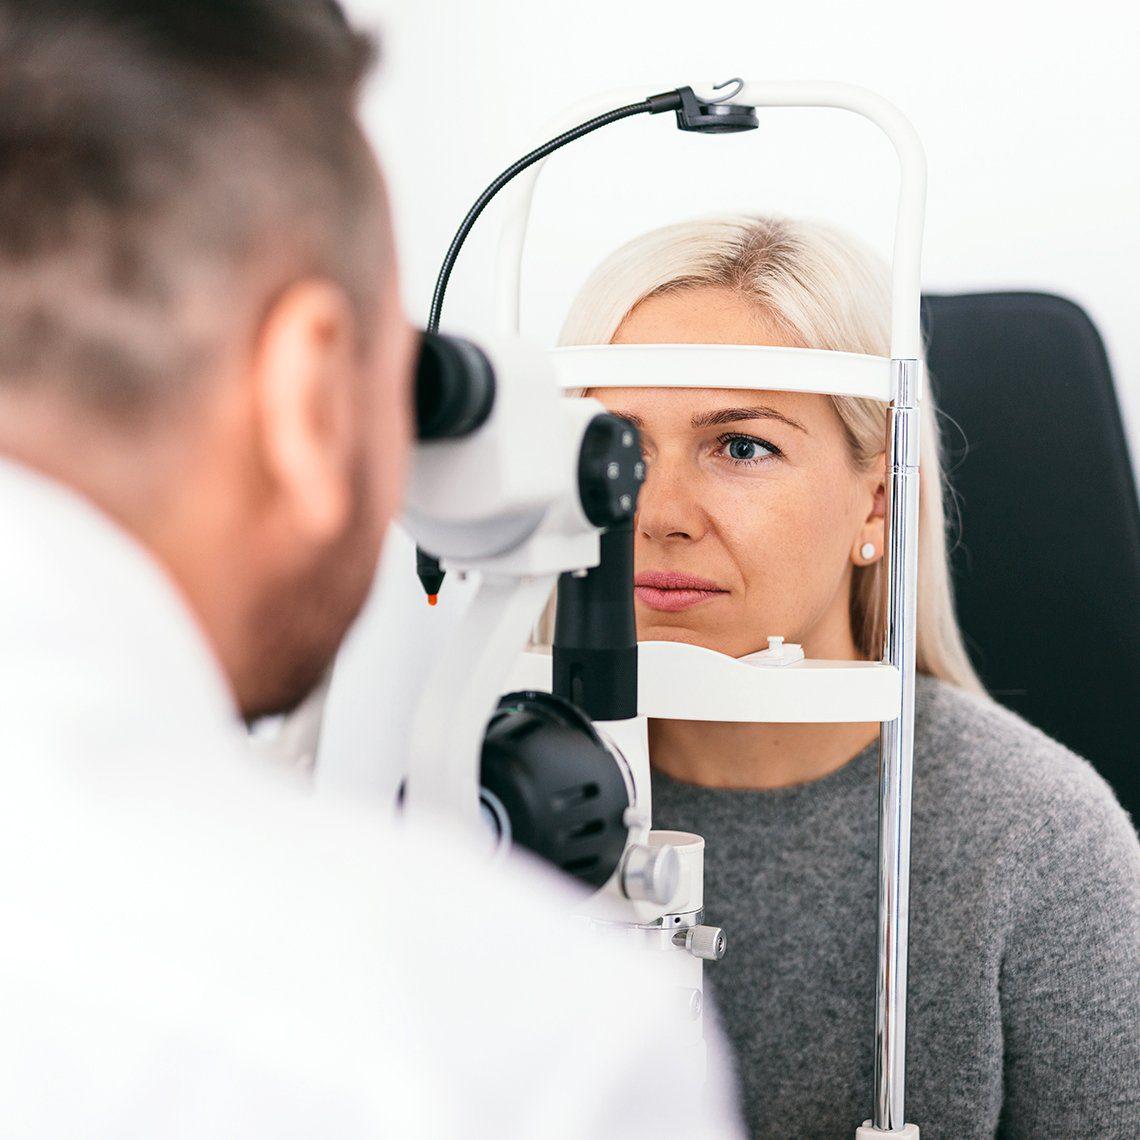 Почему необходимо вовремя заняться диагностикой глаукомы и катаракты и при необходимости провести операцию?